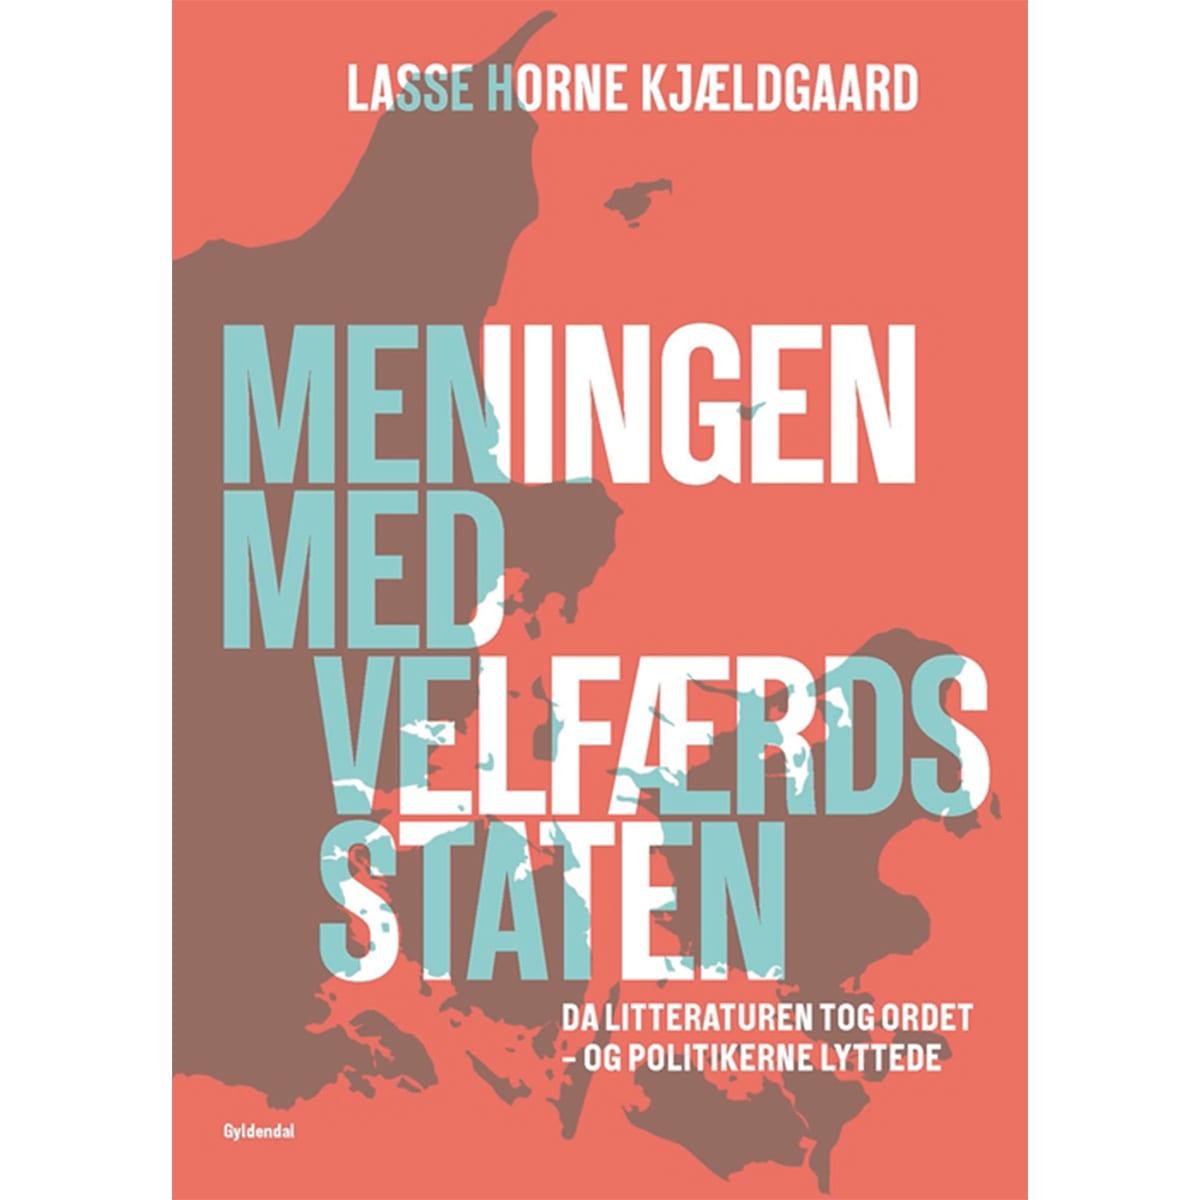 Af Lasse Horne Kjældgaard